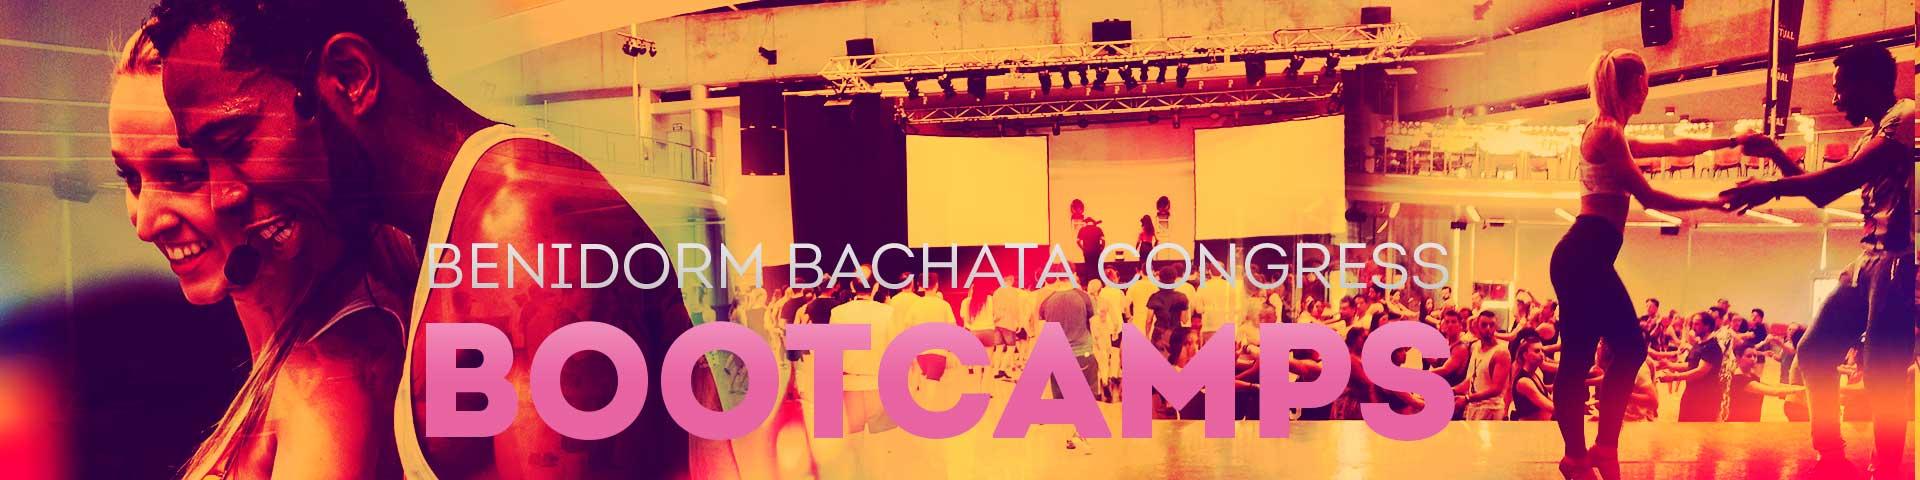 Bootcamps Benidorm Bachata Congress